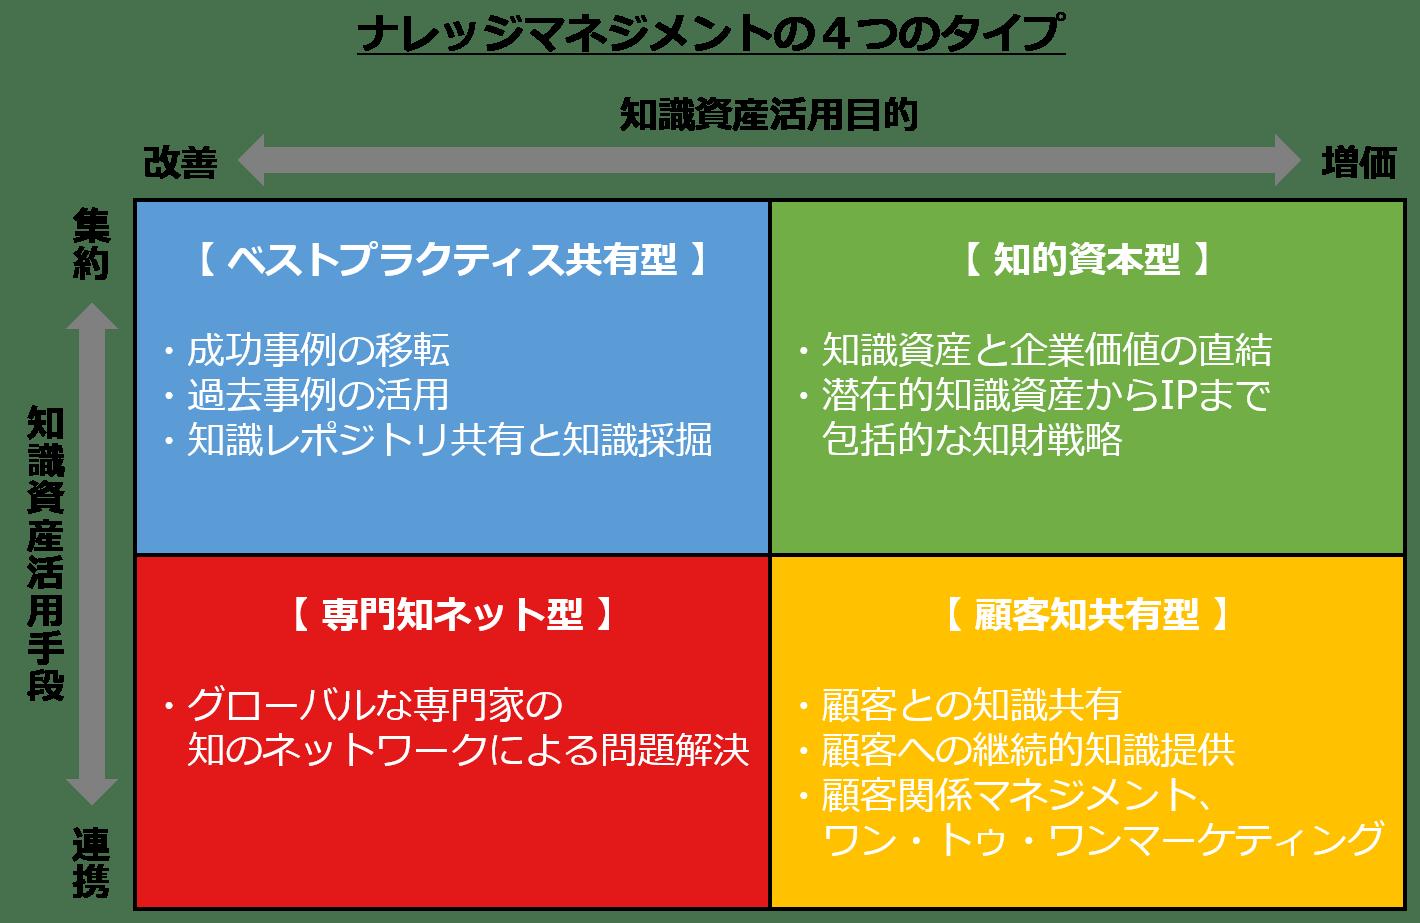 ナレッジマネジメント4つのタイプ